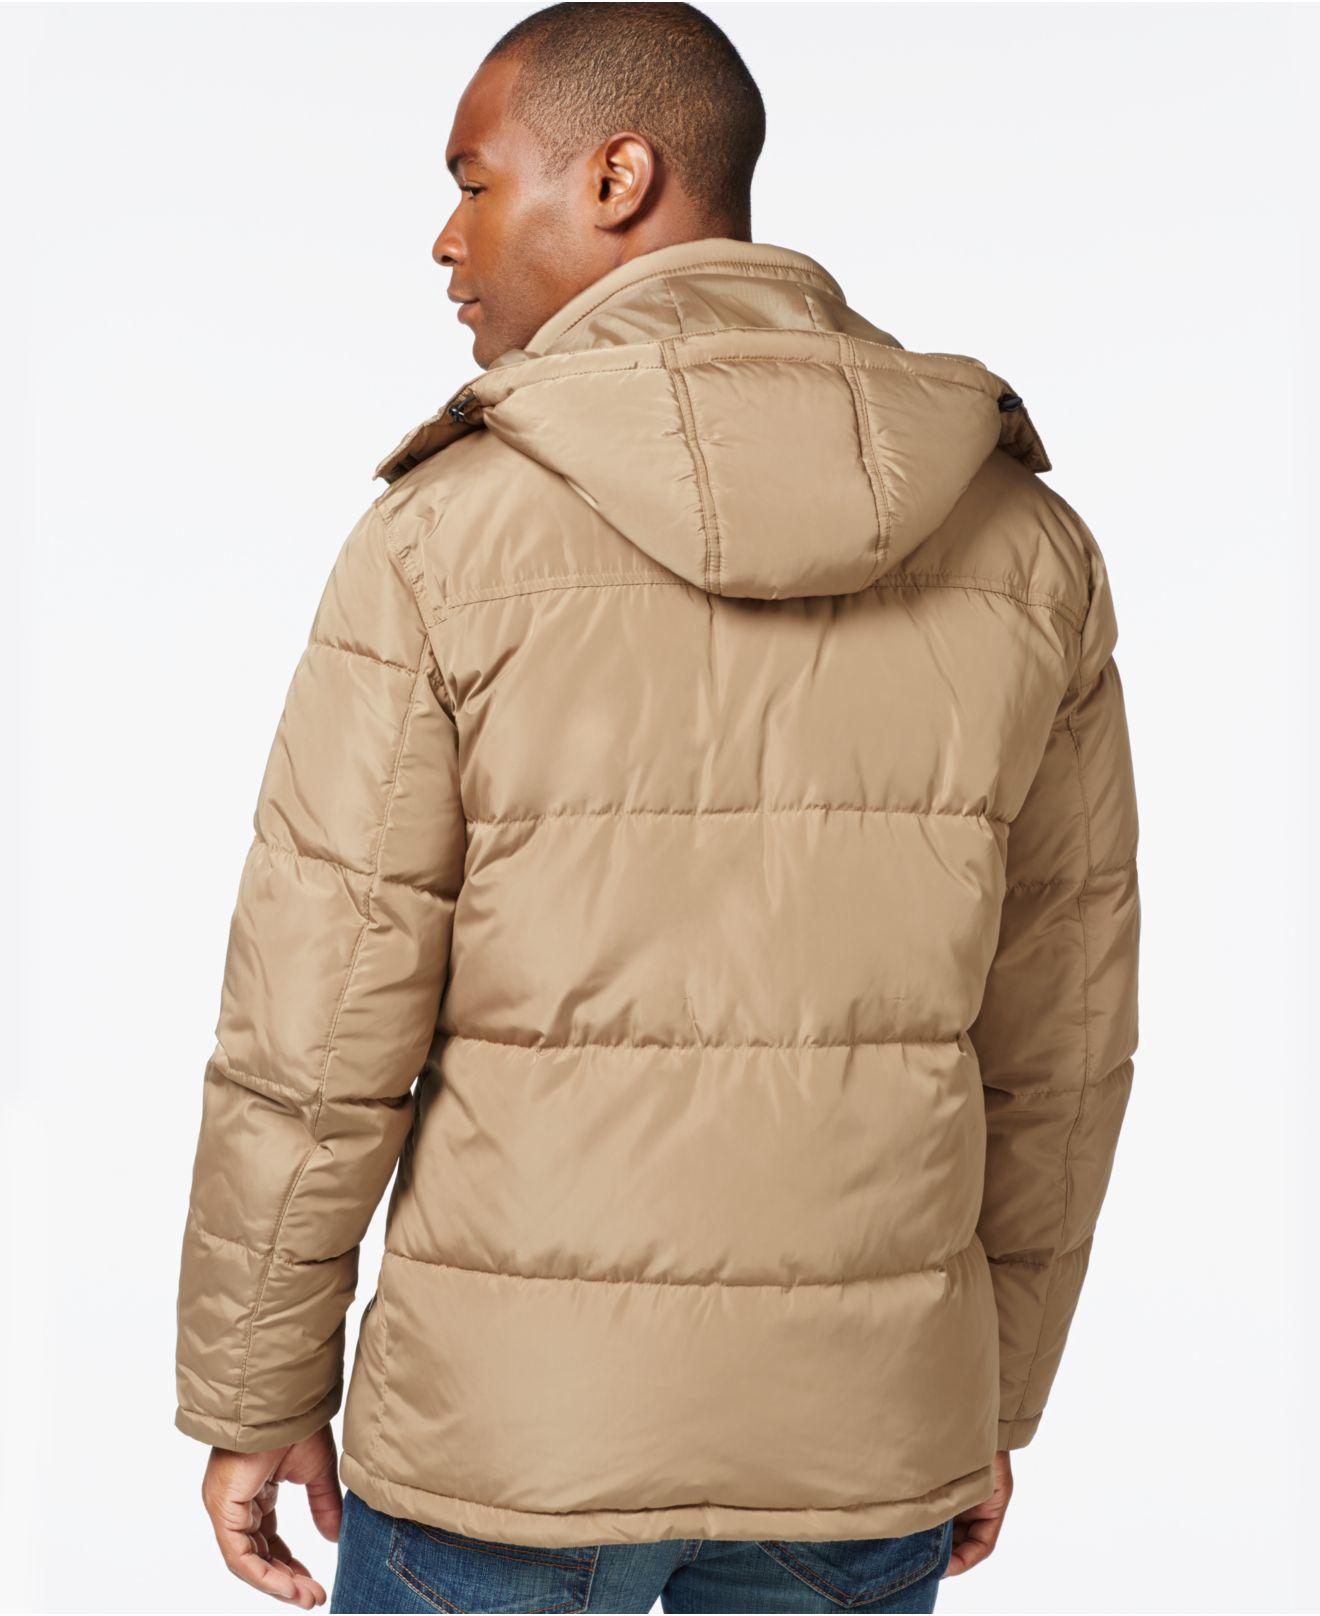 Lyst London Fog Hooded Parka Jacket In Natural For Men